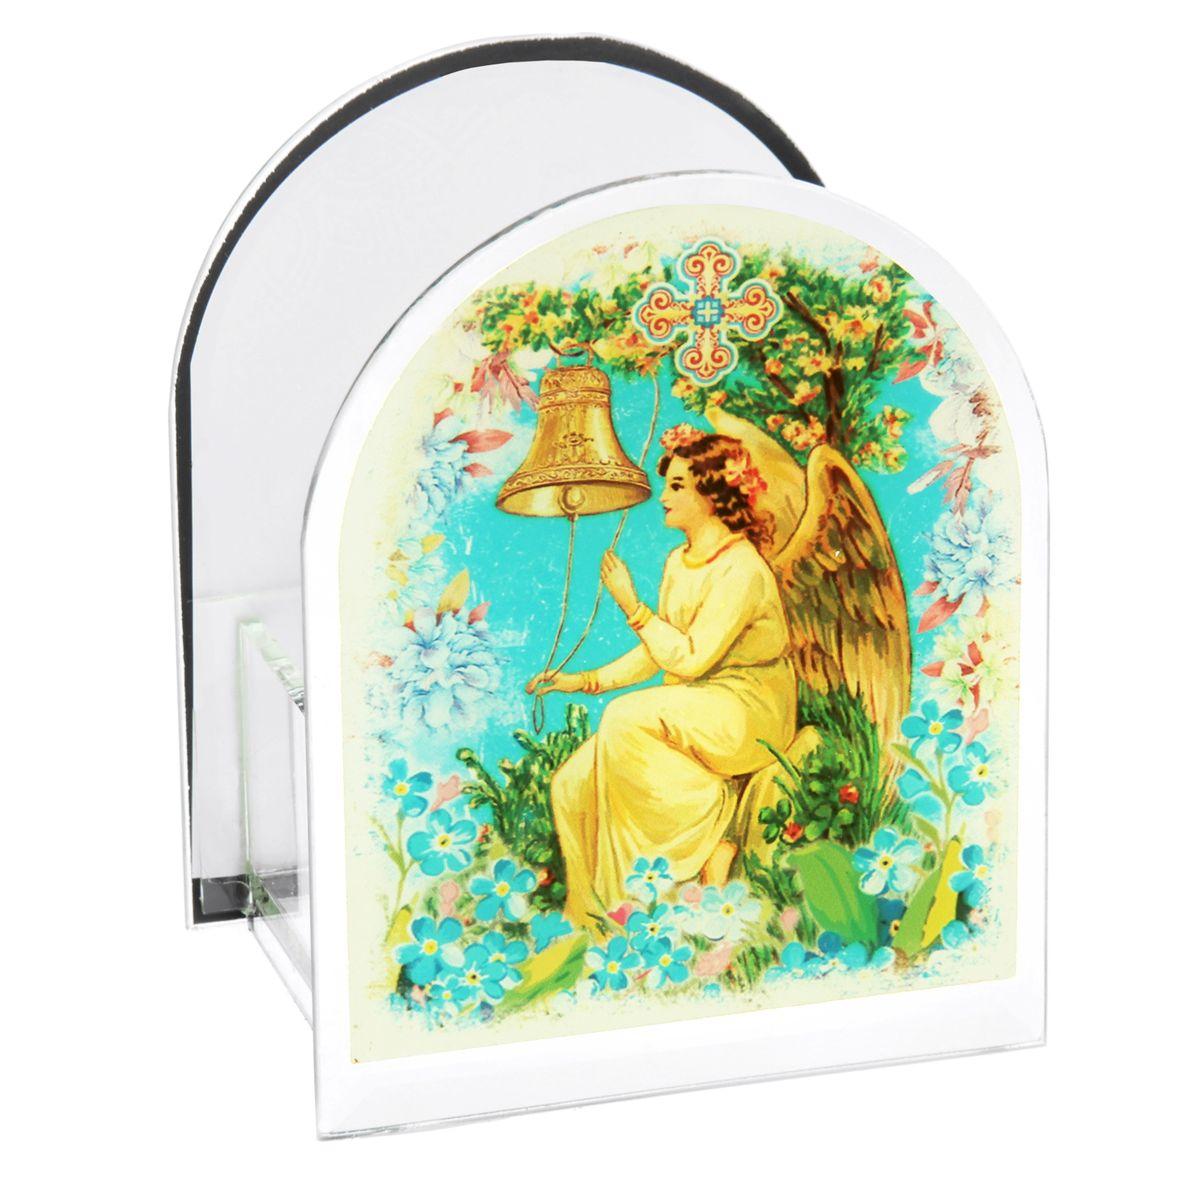 Подсвечник Sima-land АнгелES-412Подсвечник Sima-land Ангел изготовлен из качественного стекла, предназначен для свечи в гильзе. С одной стороны подсвечника изображен ангел, с другой стороны написаны пожелания. Зажгите свечку поставьте ее в подсвечник и наслаждайтесь теплом, которое наполнит ваше сердце.Такой подсвечник привнесет в ваш дом согласие и мир и будет прекрасным подарком, оберегающим близких вам людей. Размер подсвечника (ДхШхВ): 9 см х 7 см х 11 см.Диаметр отверстия для свечи: 4,5 см.